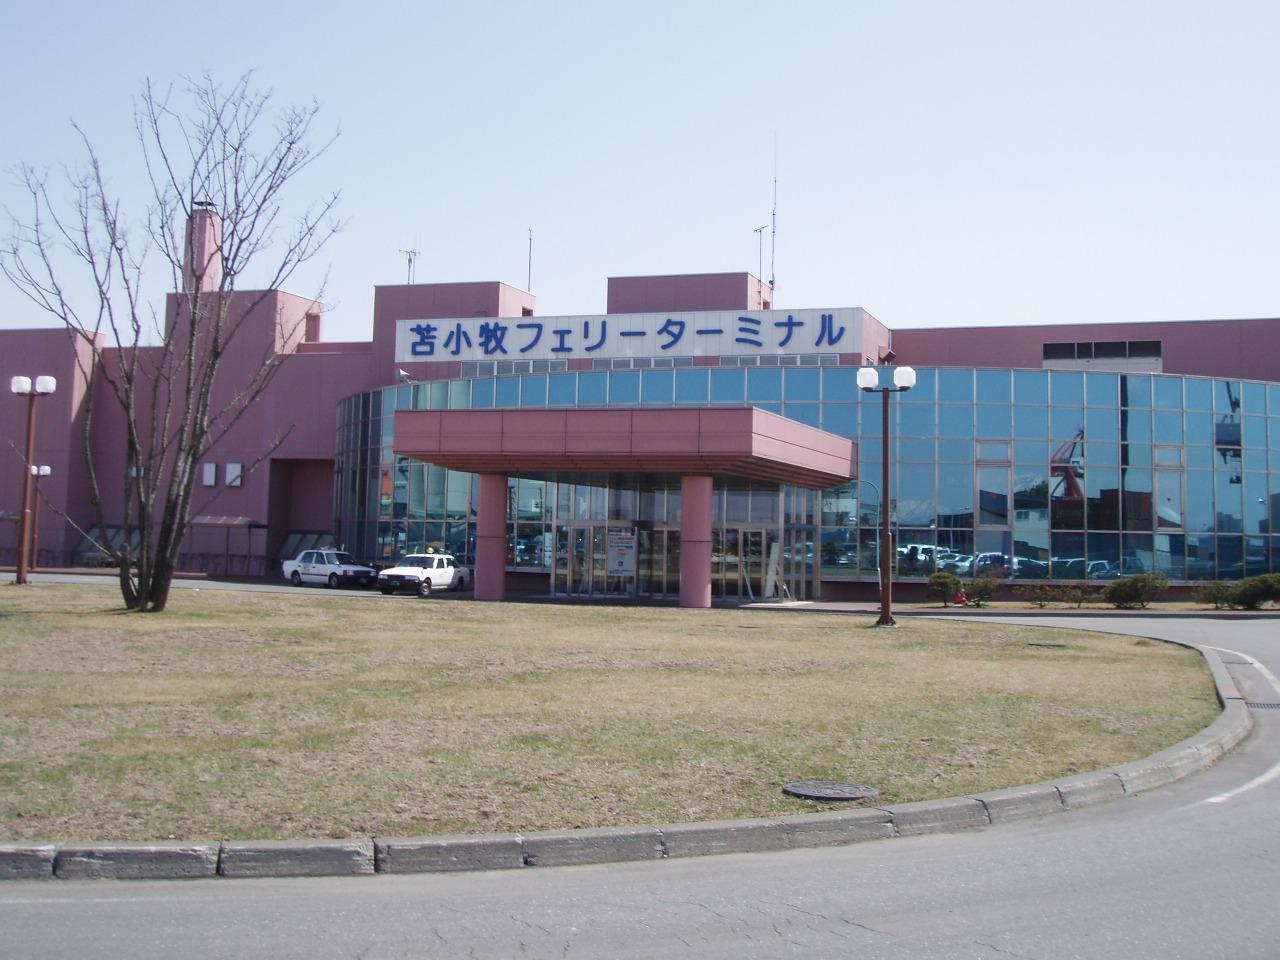 苫小牧港フェリーターミナル(提供:太平洋フェリー)